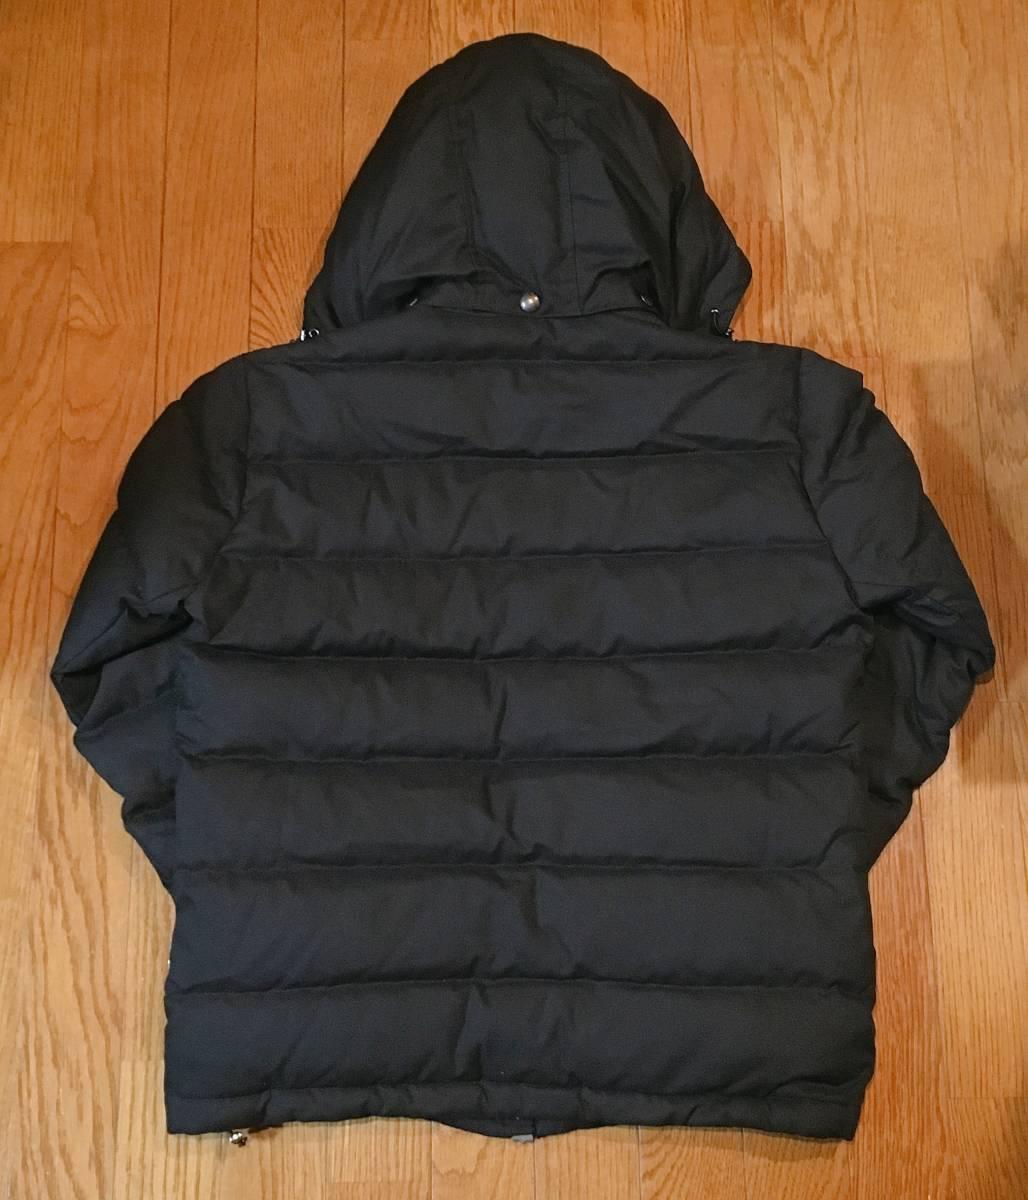 【EDIFICE エディフィス】 上質ダブルジップ式 ダウンジャケット 美しいシルエット スタイリッシュ ブラック46_画像8